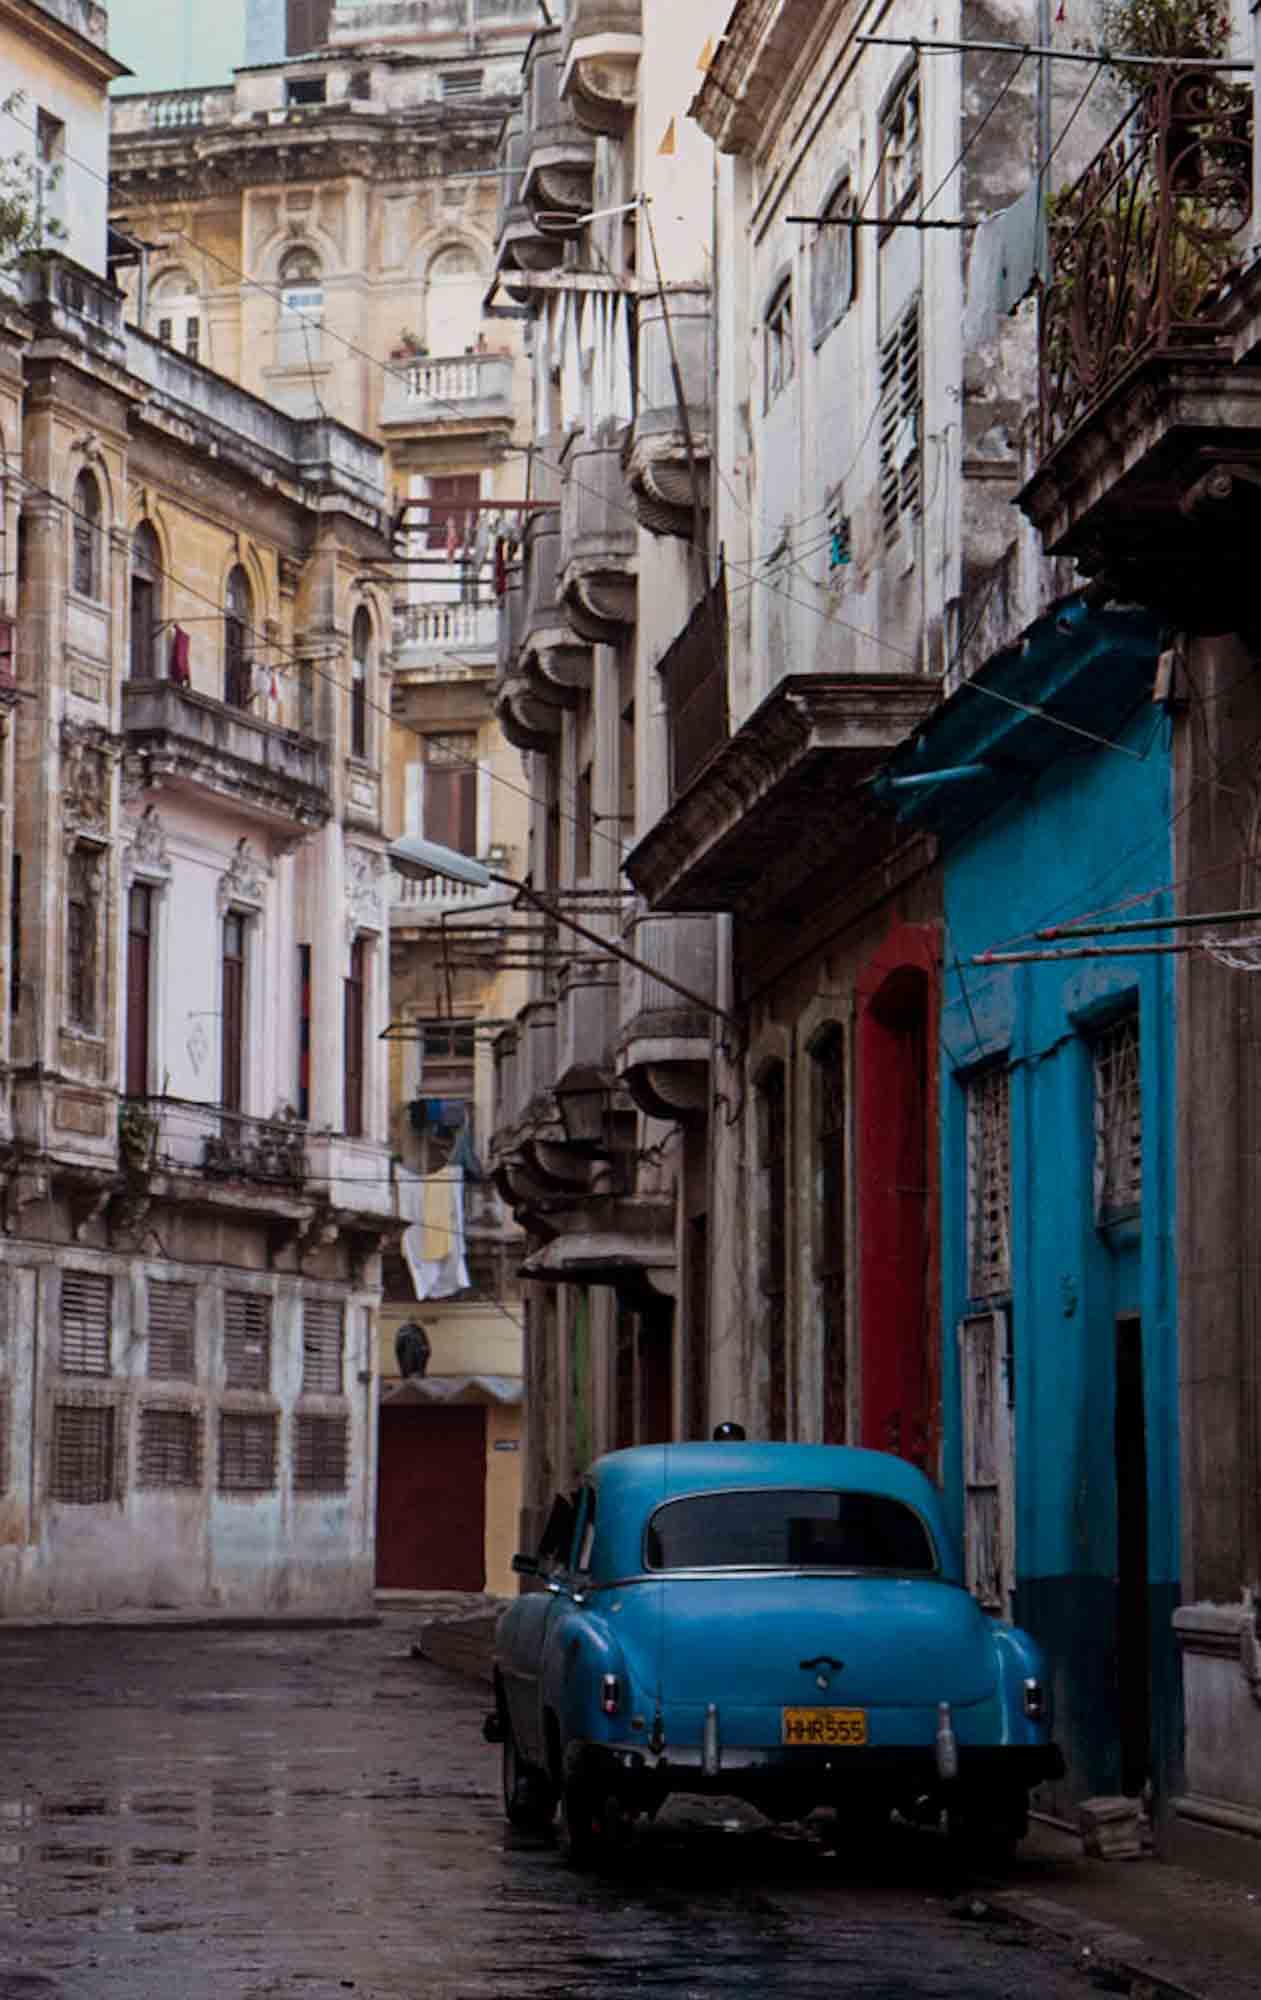 Bri_blue-car-copy-Edit.jpg